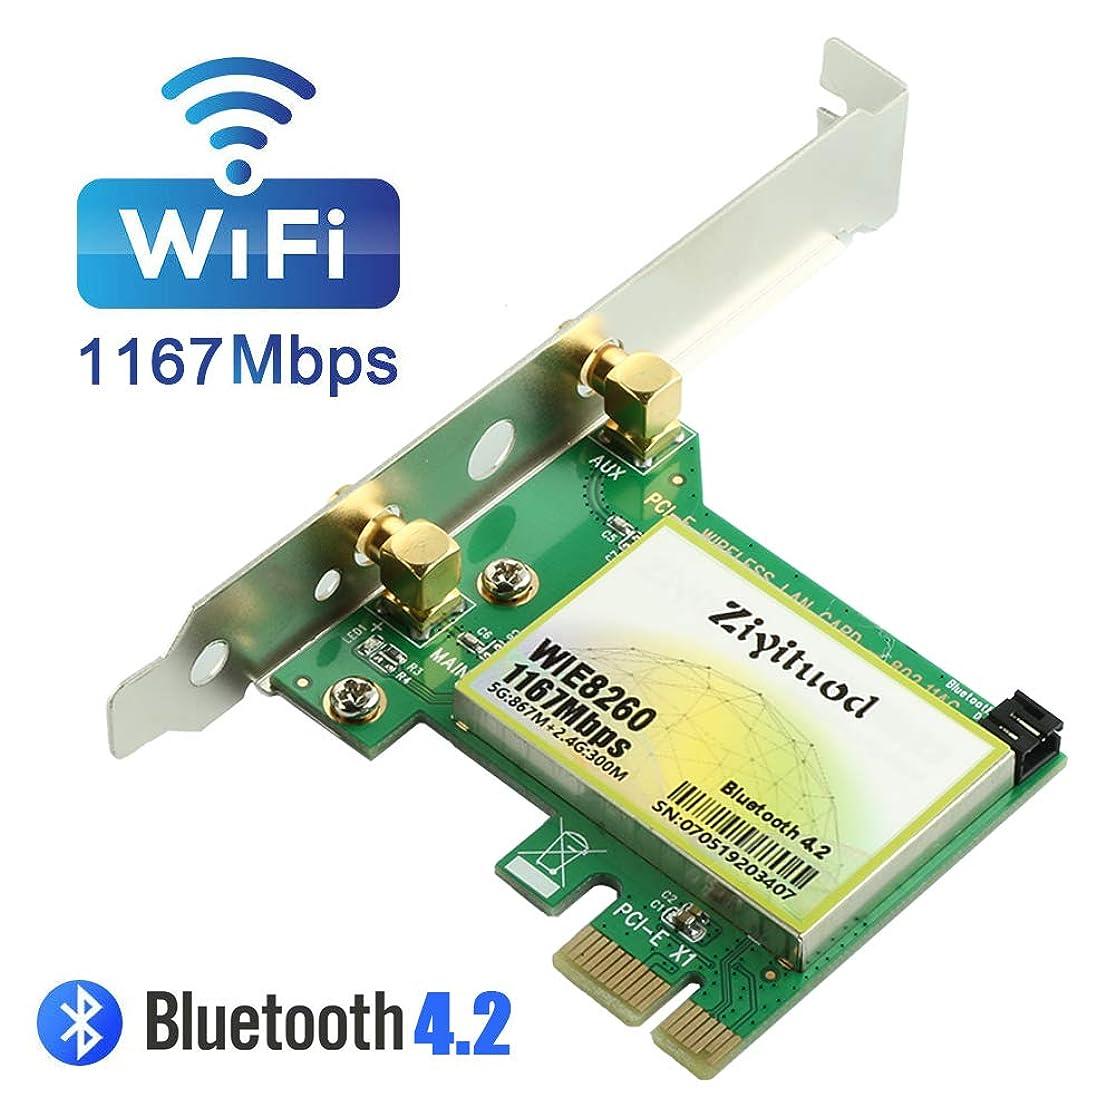 太字伝統的プレミアZiyituod AC 1200Mbps WiFiカード PC用 8260 WiFiアダプター 2.4G/5G デュアルバンド ワイヤレスネットワークカード Bluetooth 4.2付き Windows 10/8.1/8/7対応